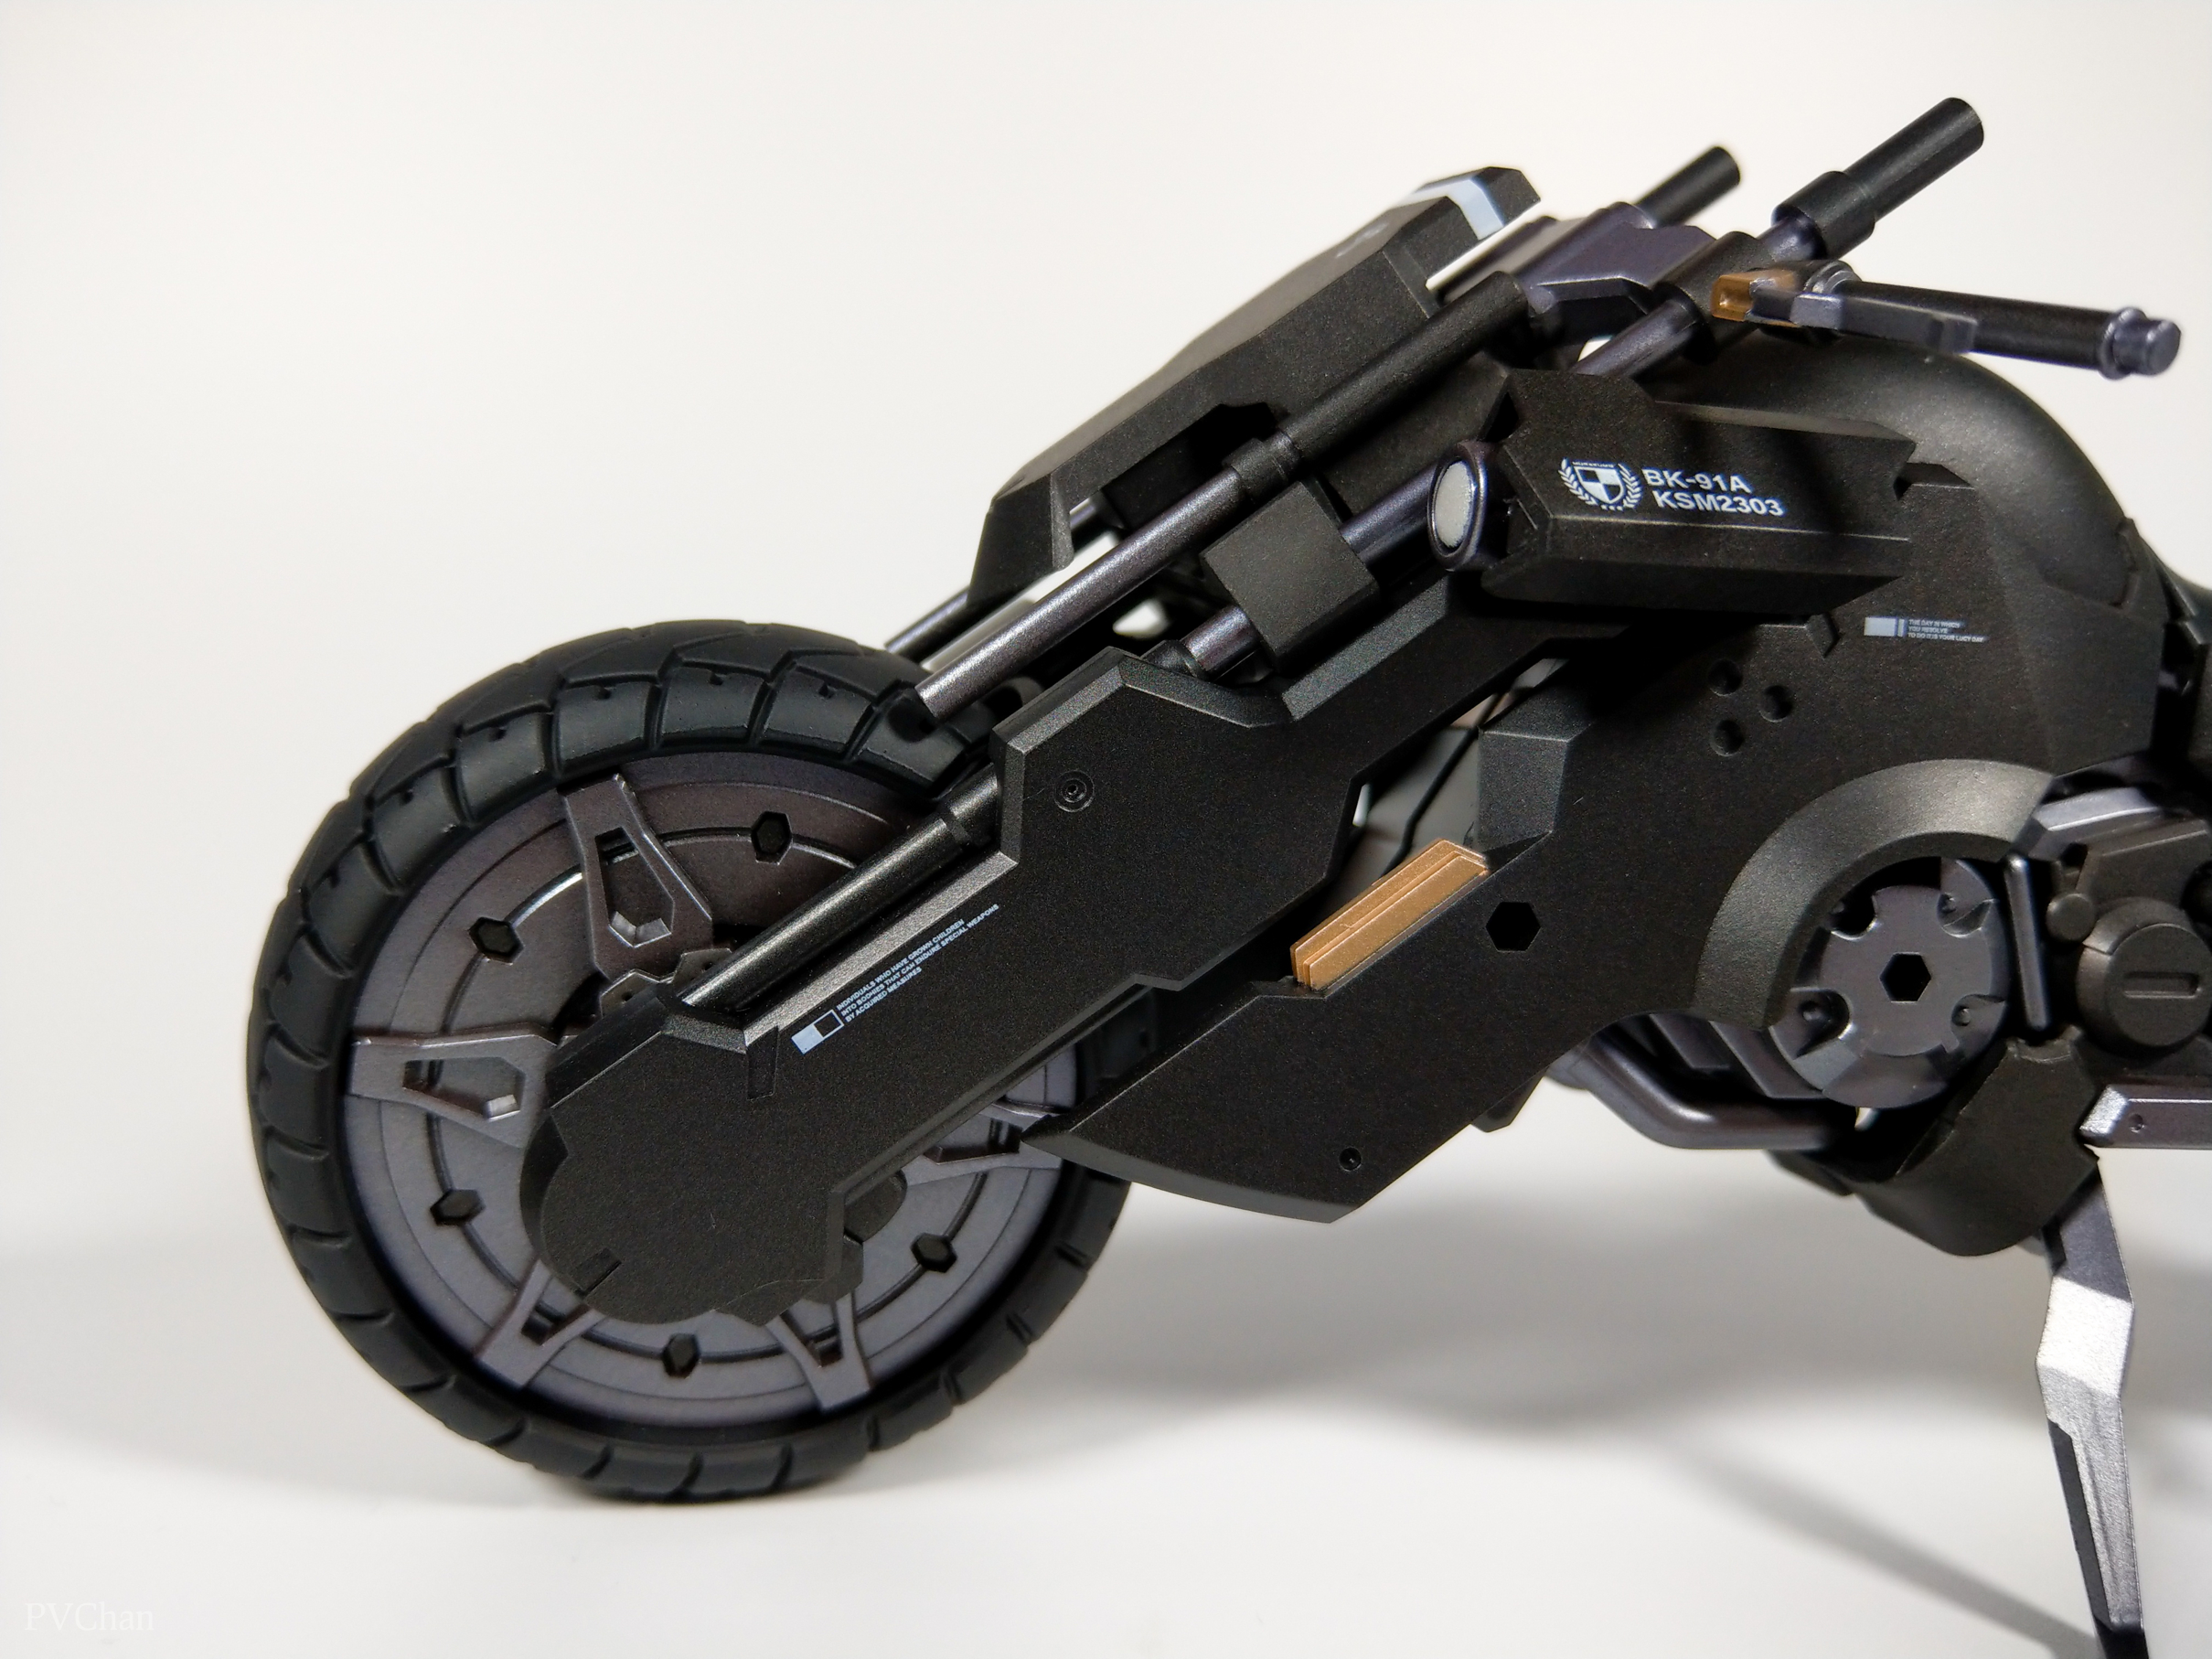 Необычное пополнение коллекции - байк из серии ex:ride от Max Factory. - Изображение 13